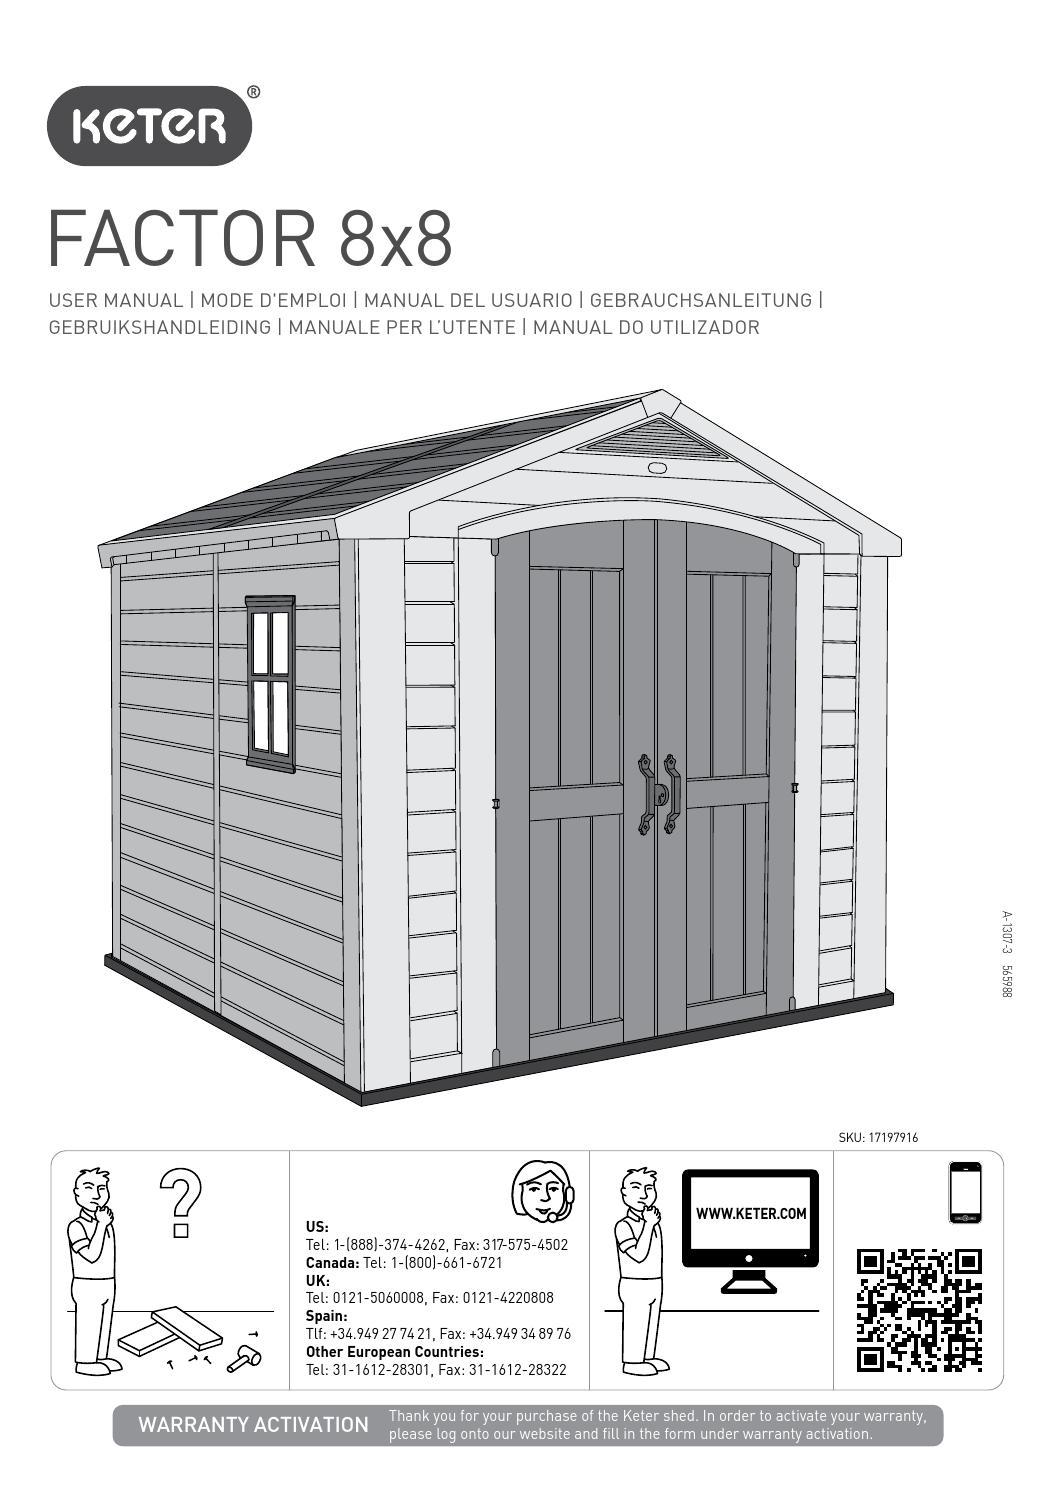 Manuale di montaggio casetta da giardino KETER FACTOR 8x8